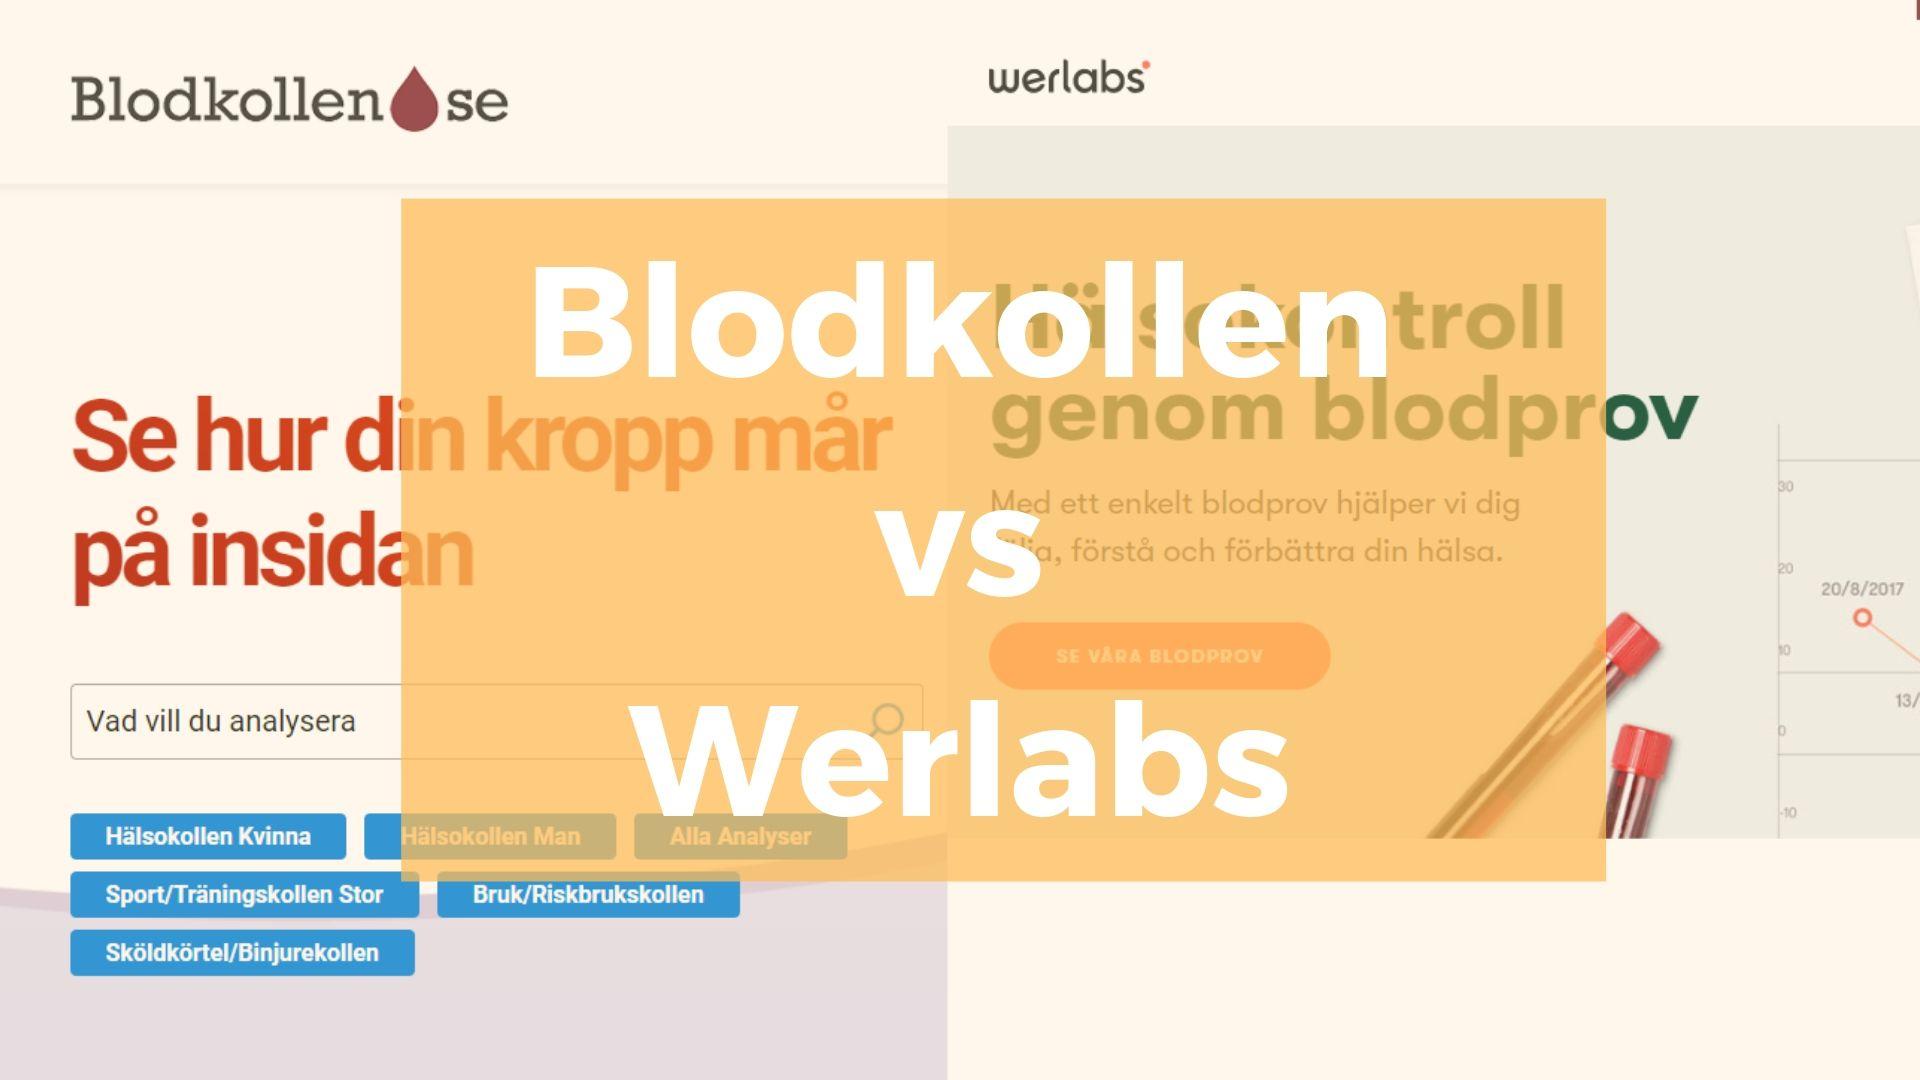 Blodkollen vs Werlabs - Alyzme.se jämför självtester online - självtest, blodprov, hudprov, hälsocenter, hälsoappar - testa din hälsa hemma